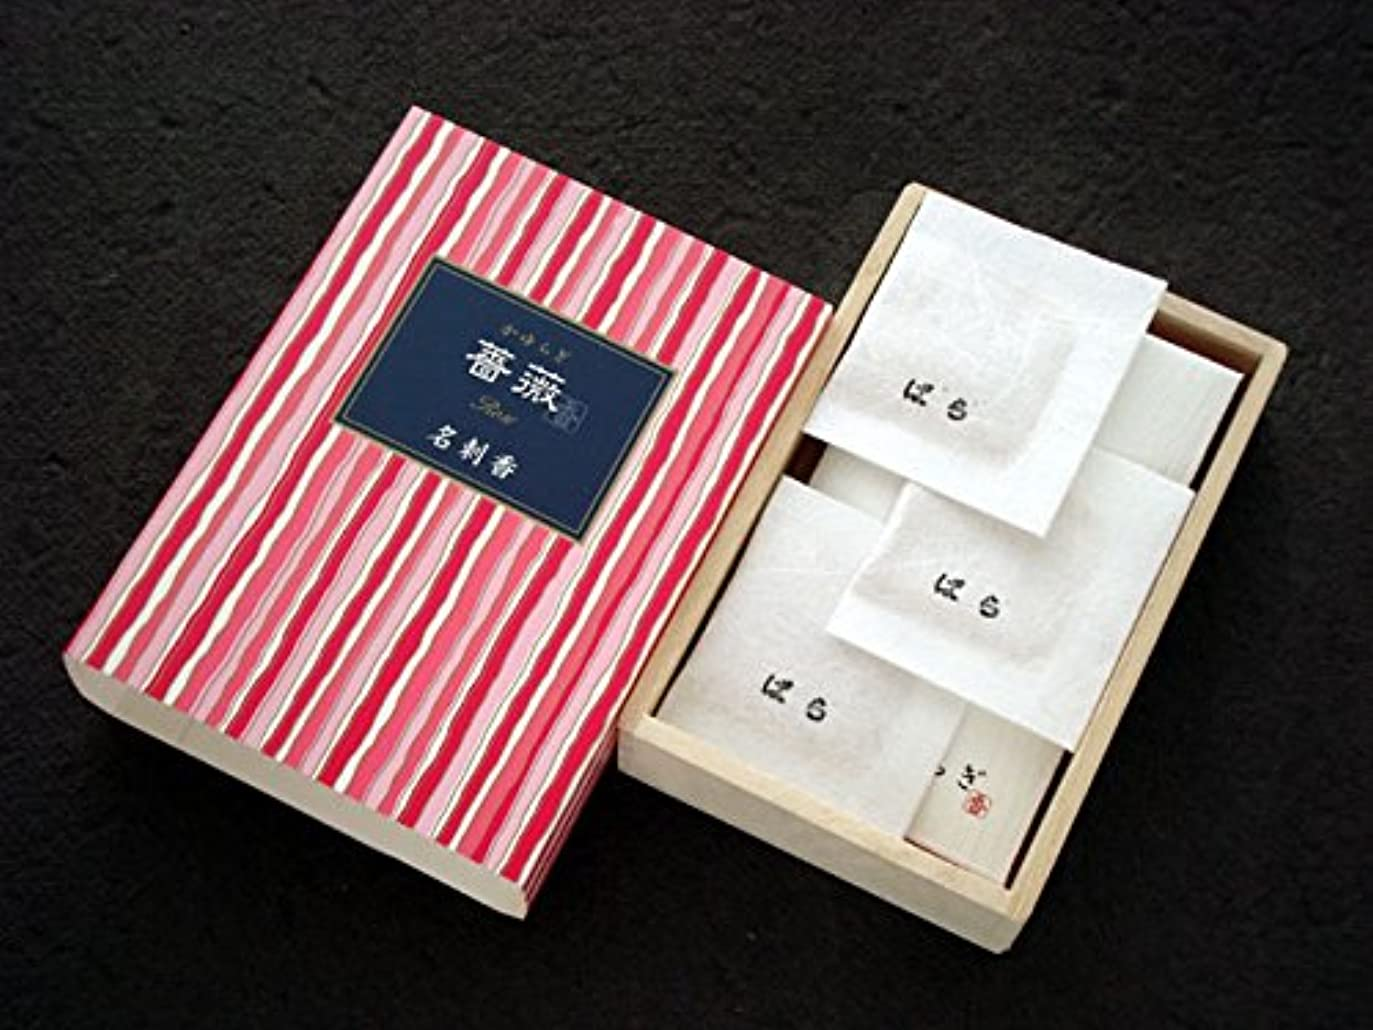 出撃者舌アラートかゆらぎ 薔薇(ばら) 名刺香 桐箱6入